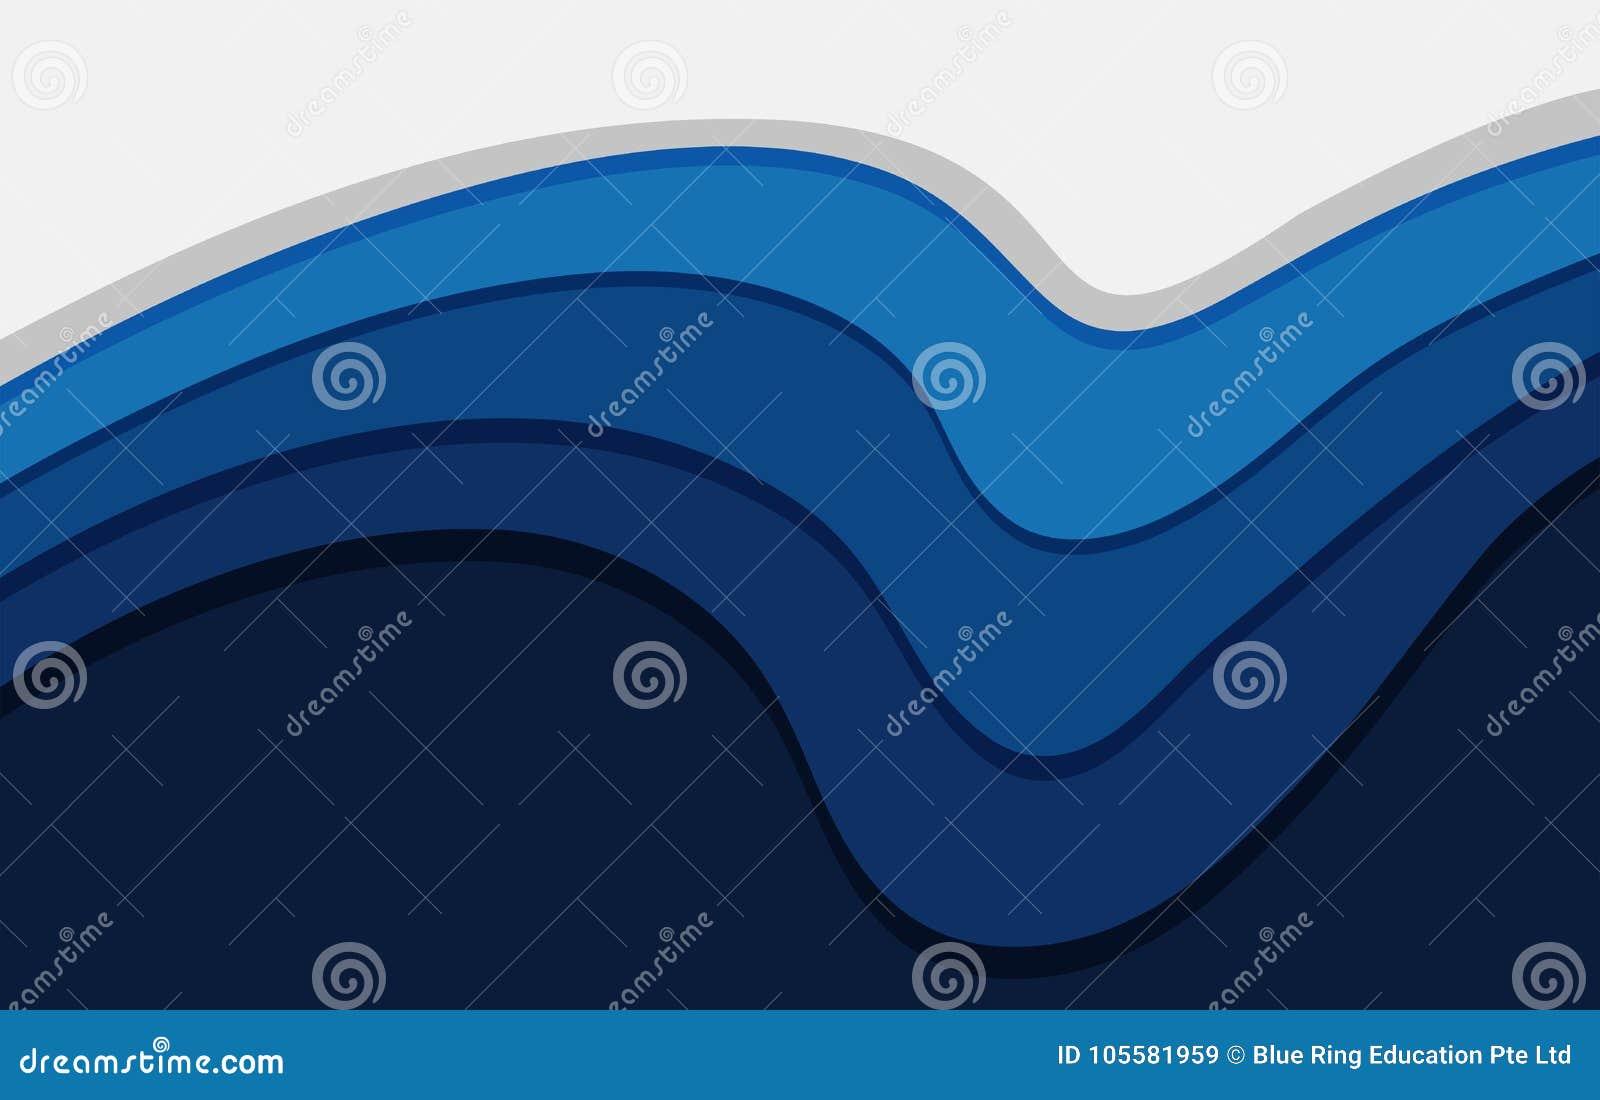 Fondo Azul Con Lineas Onduladas Fondos T